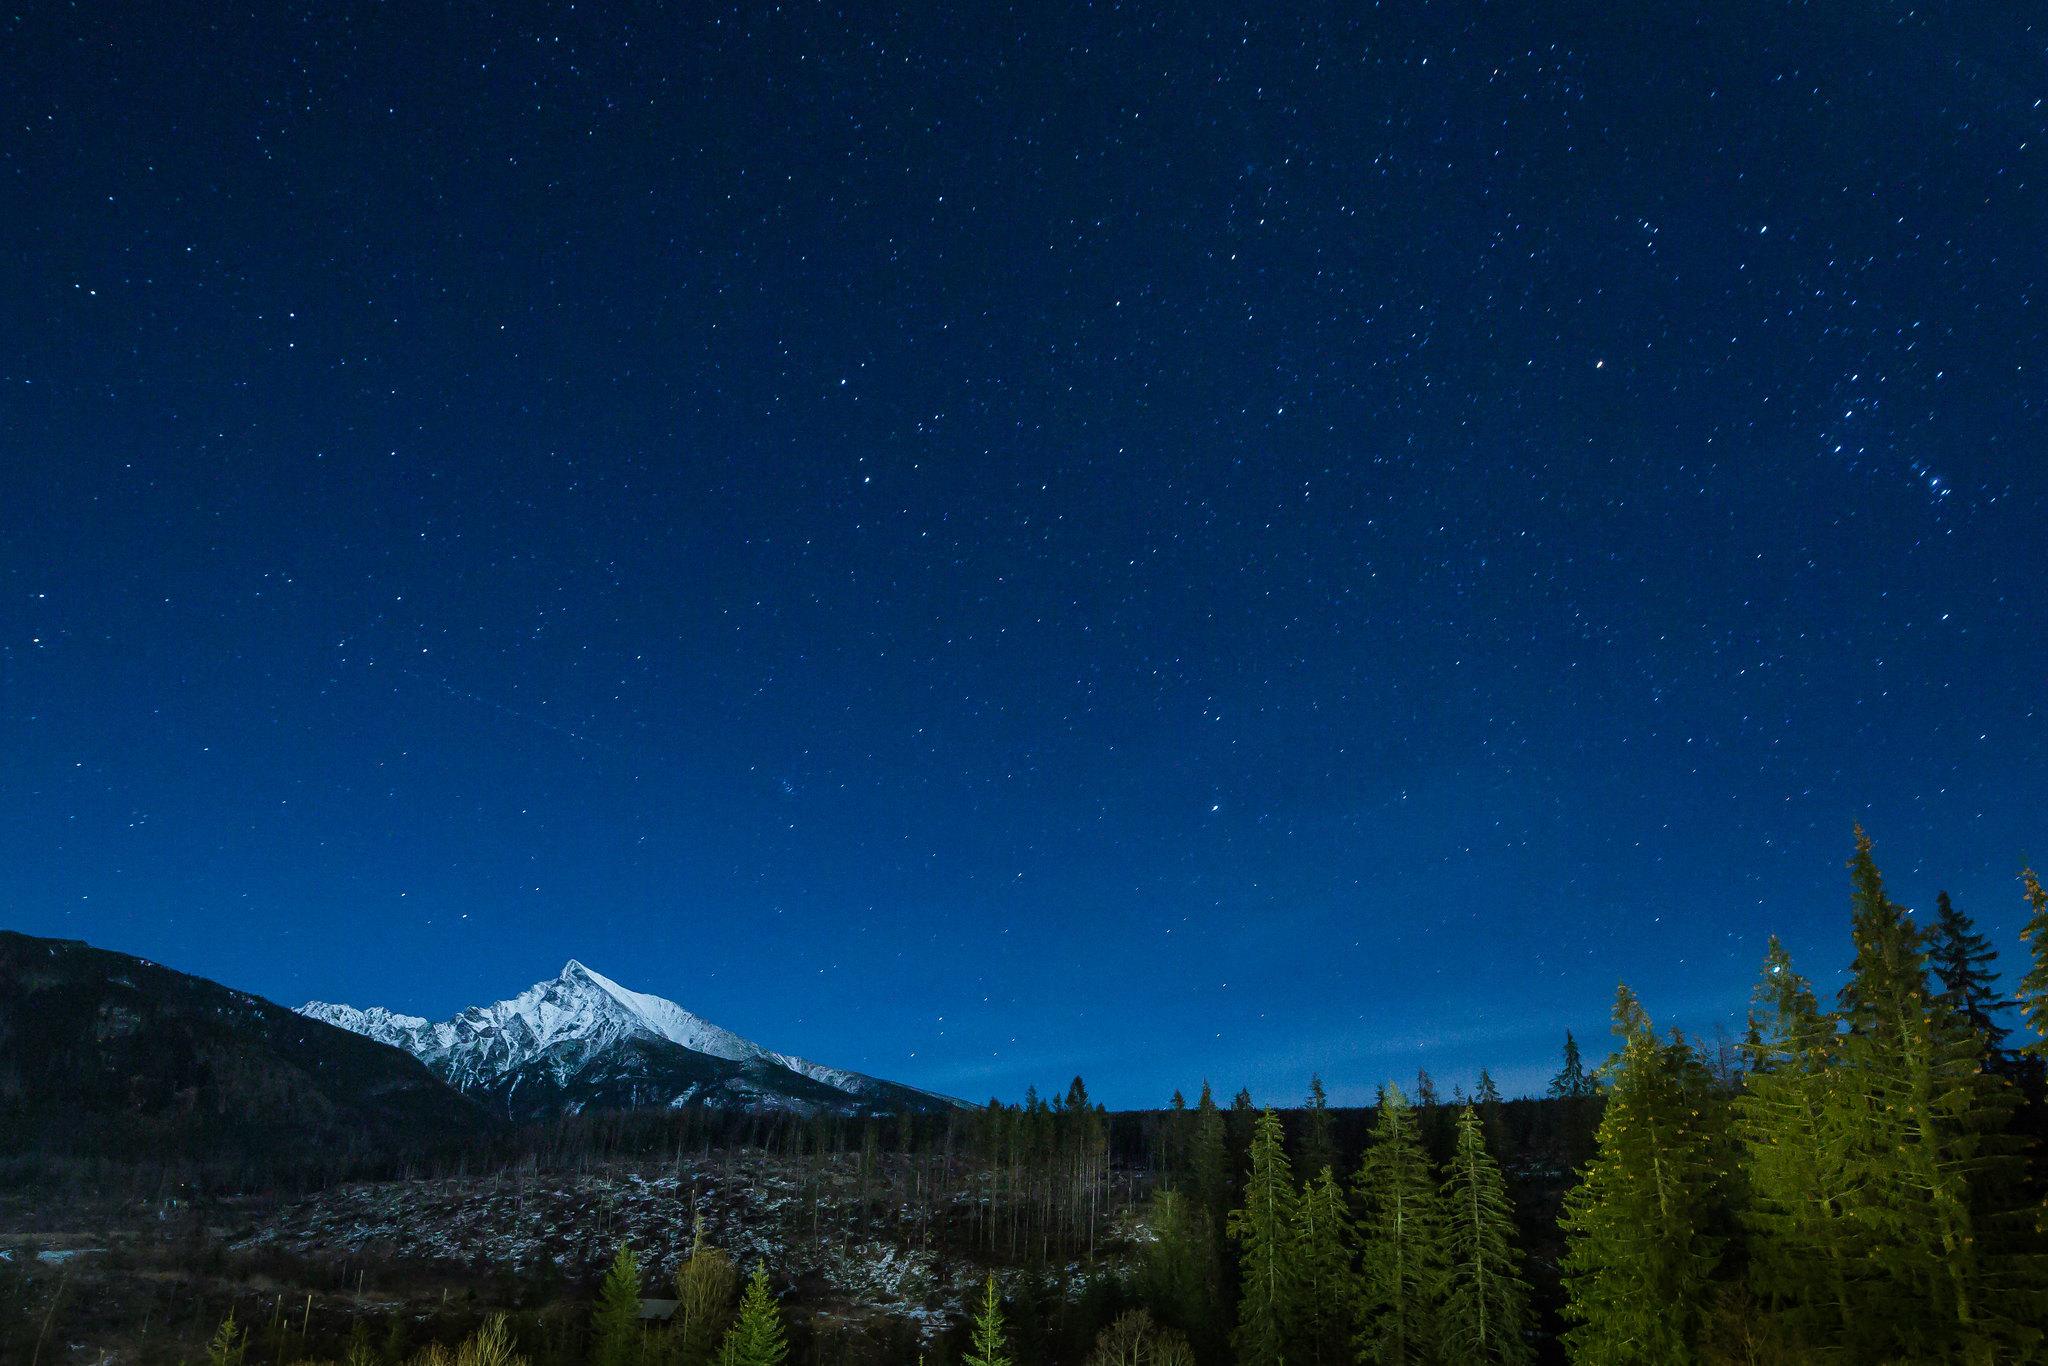 Imagen gratis de un bonito cielo estrellado - Imágenes gratis